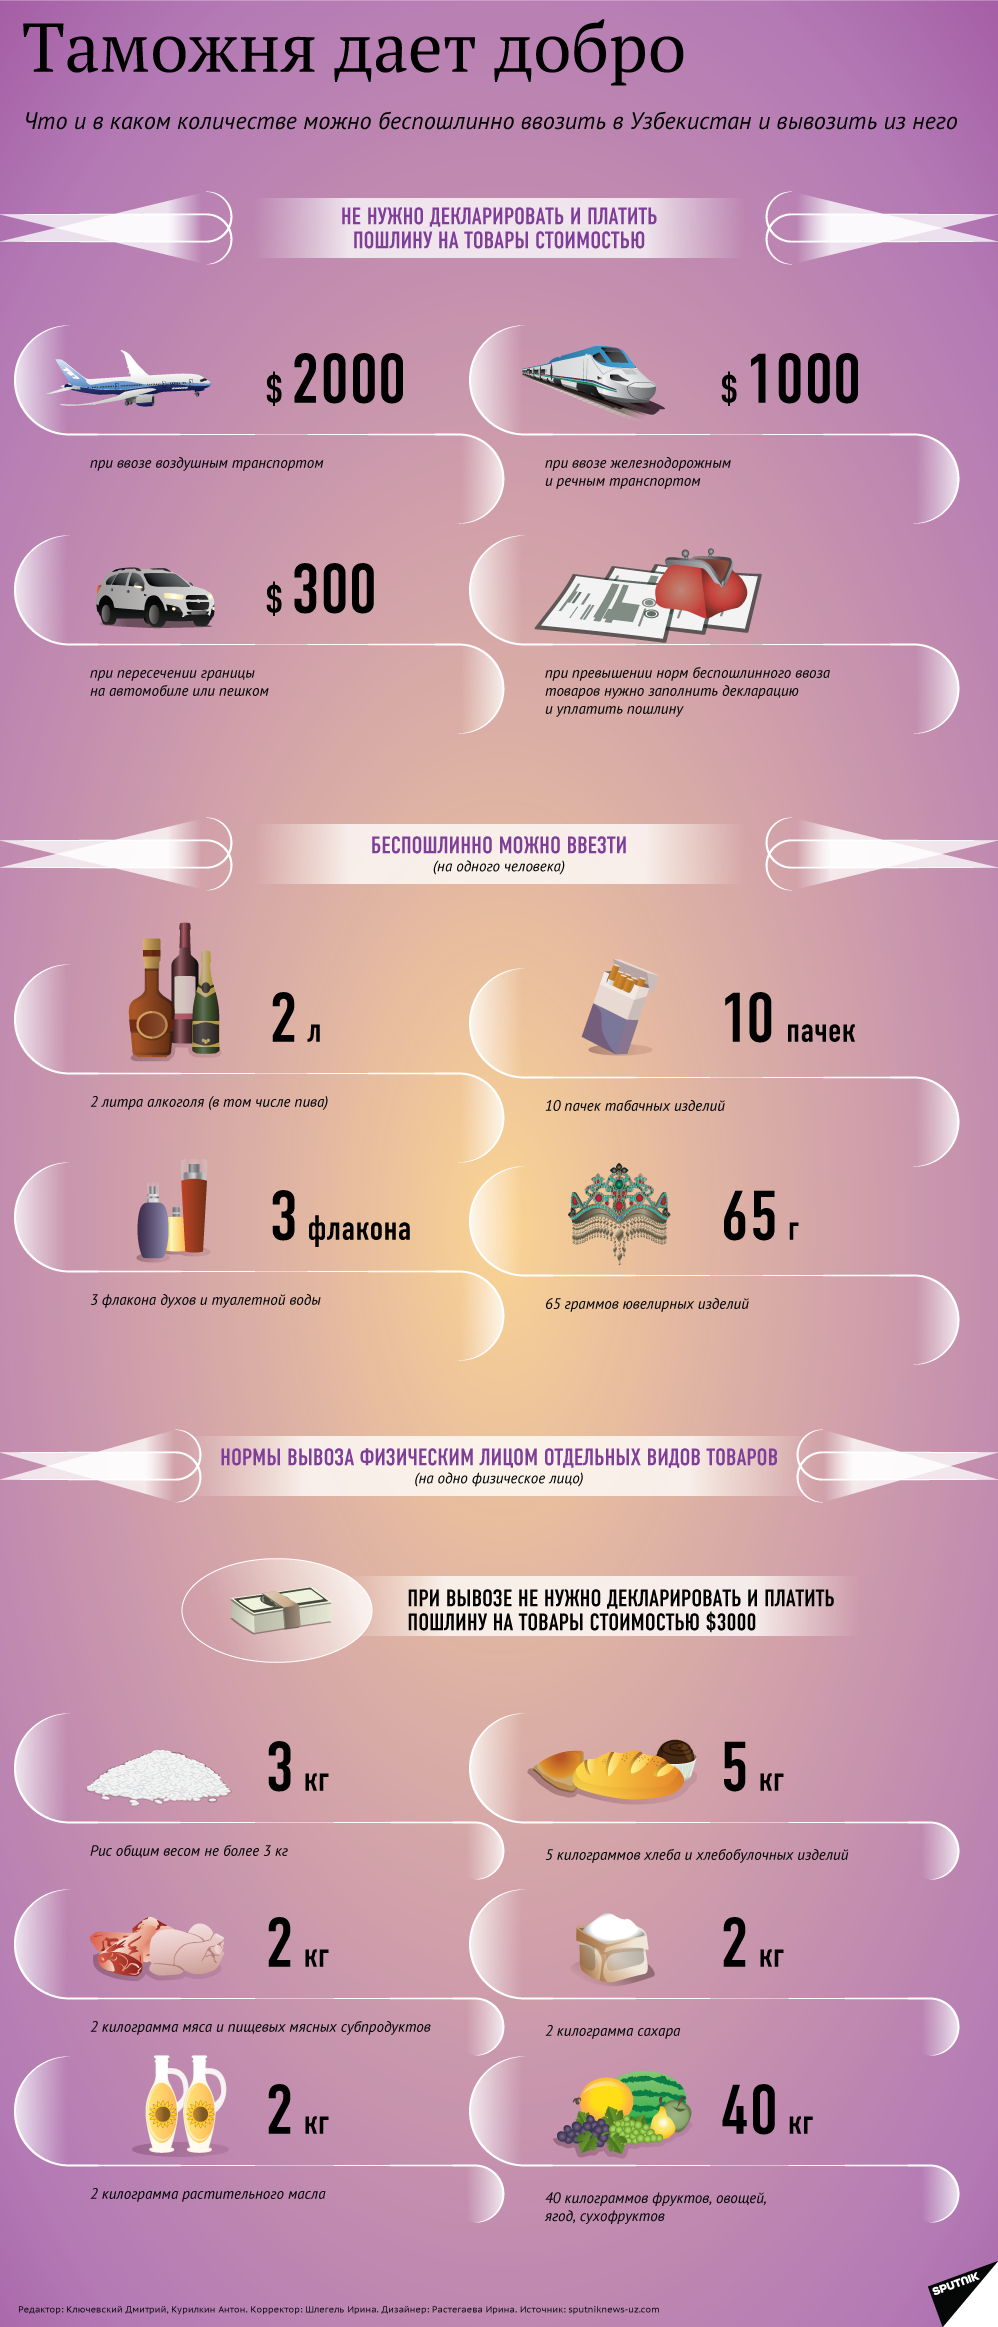 Ограничения на алкоголь в дубае можно ли пить туристам